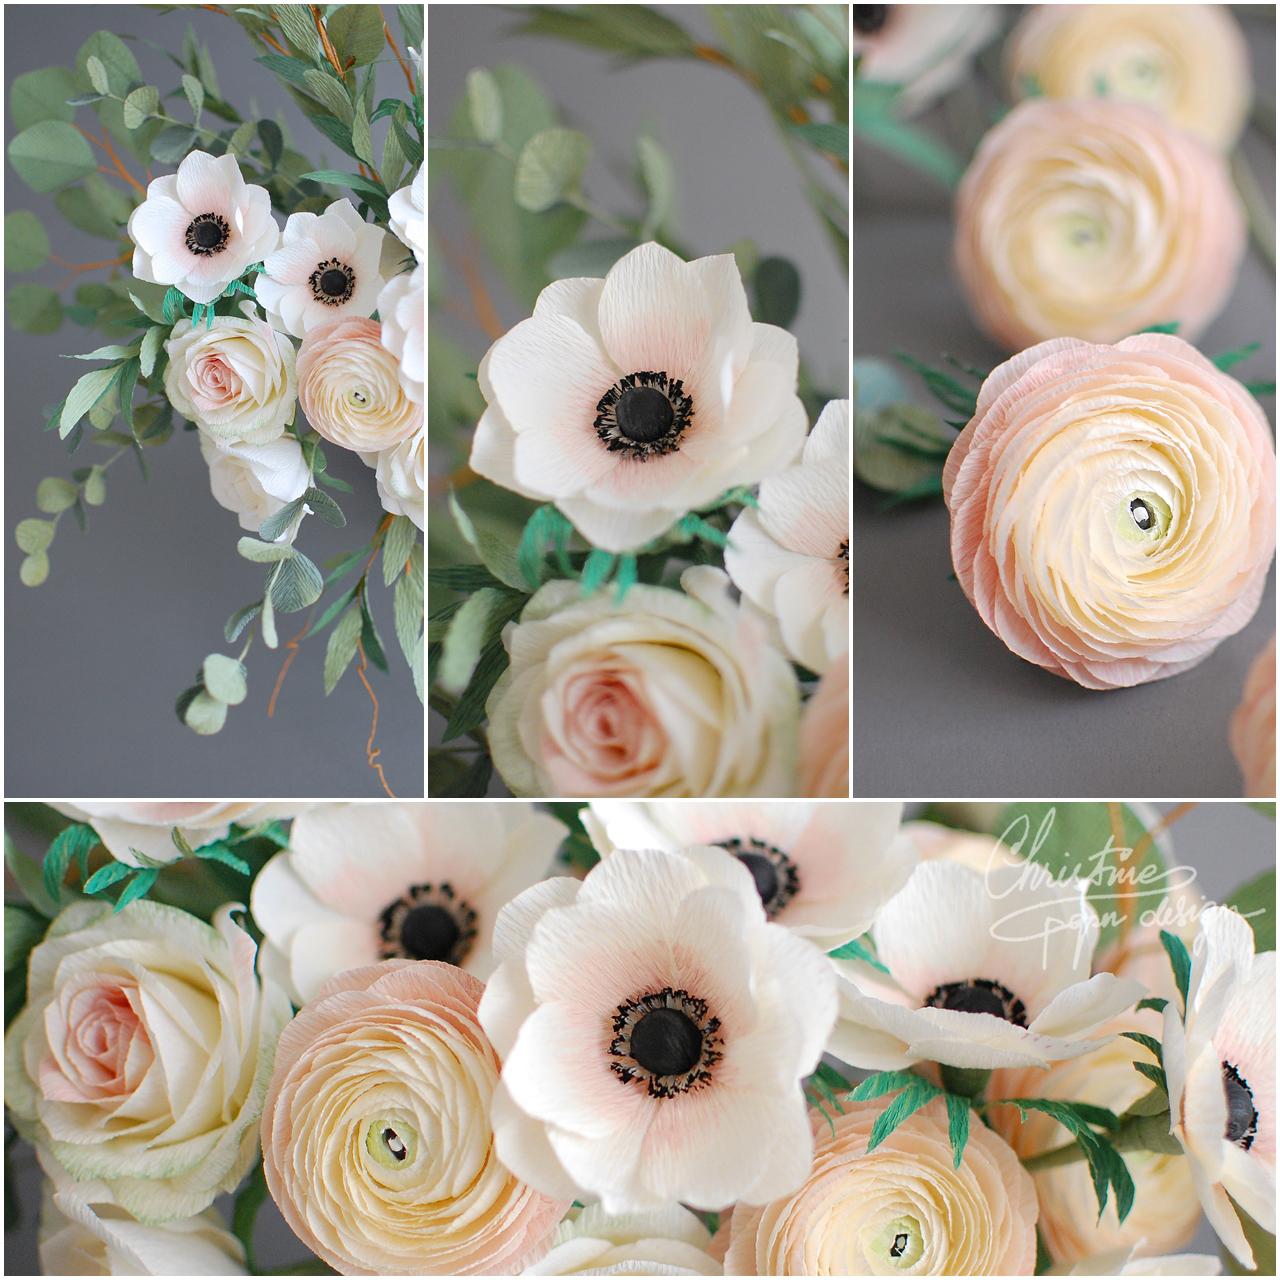 paper anemone - Christinepaperdesign